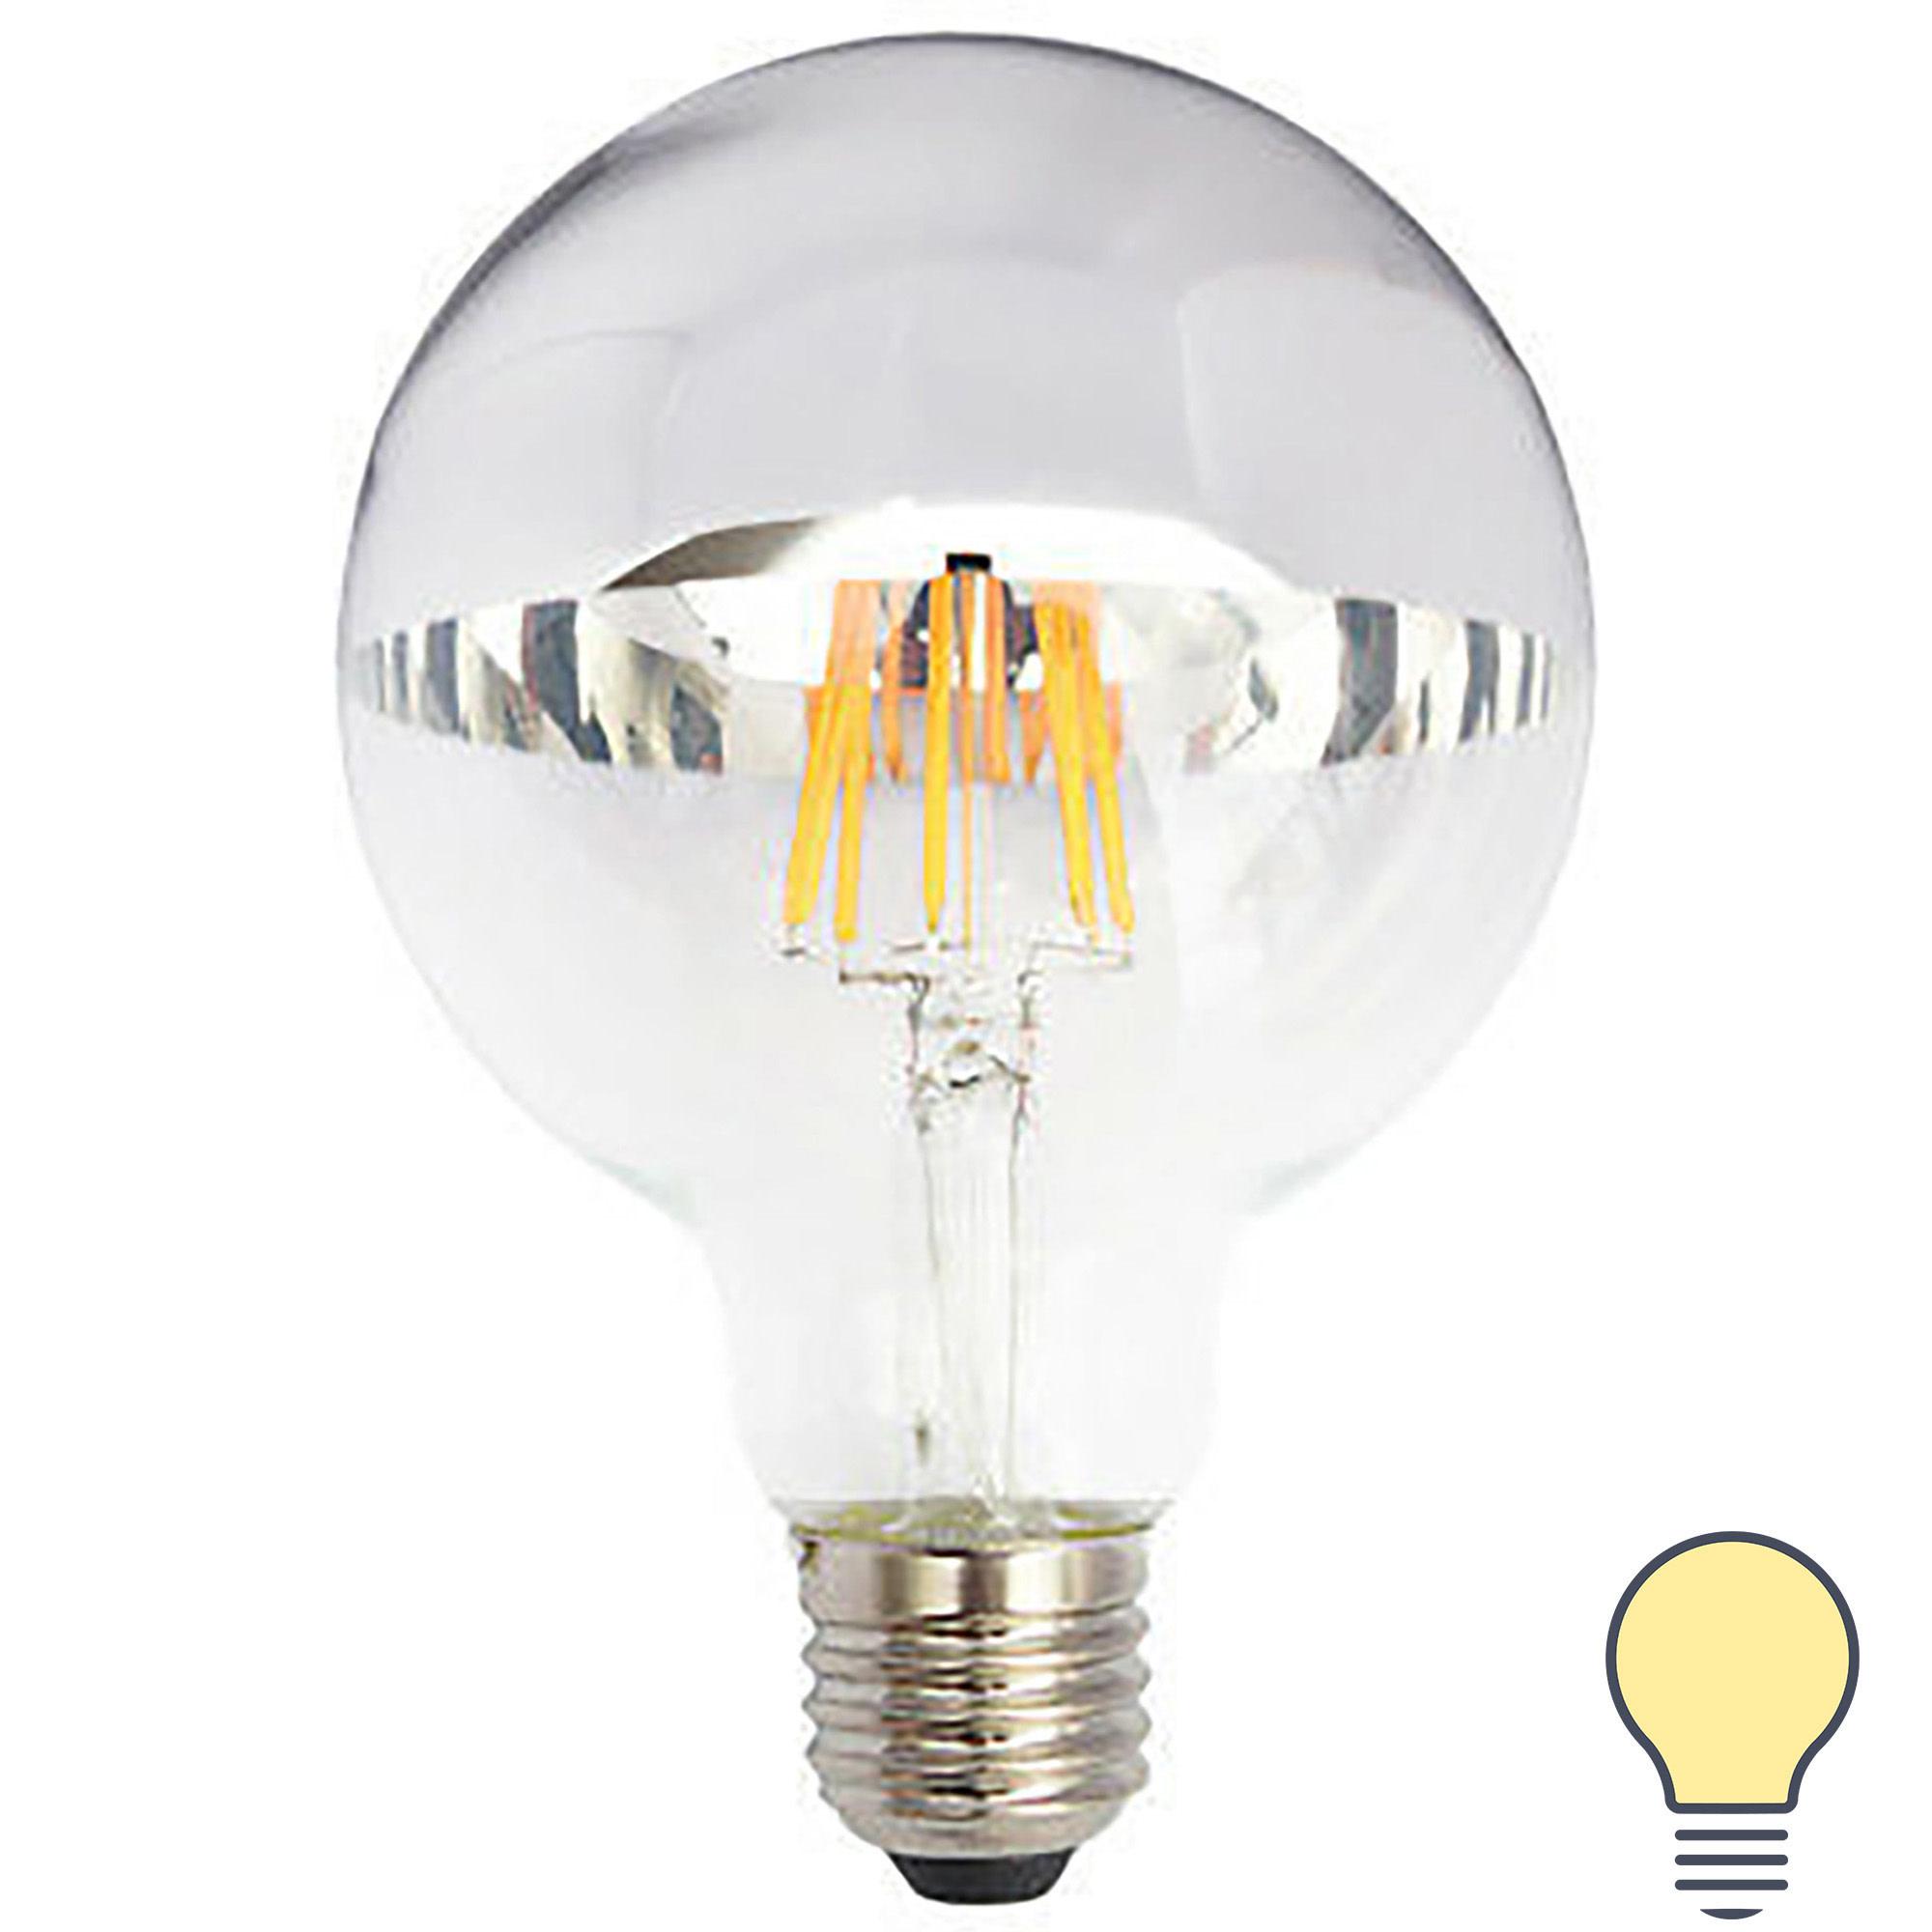 Лампа светодиодная Eglo E27 230 В 6 Вт шар 720 лм тёплый белый свет